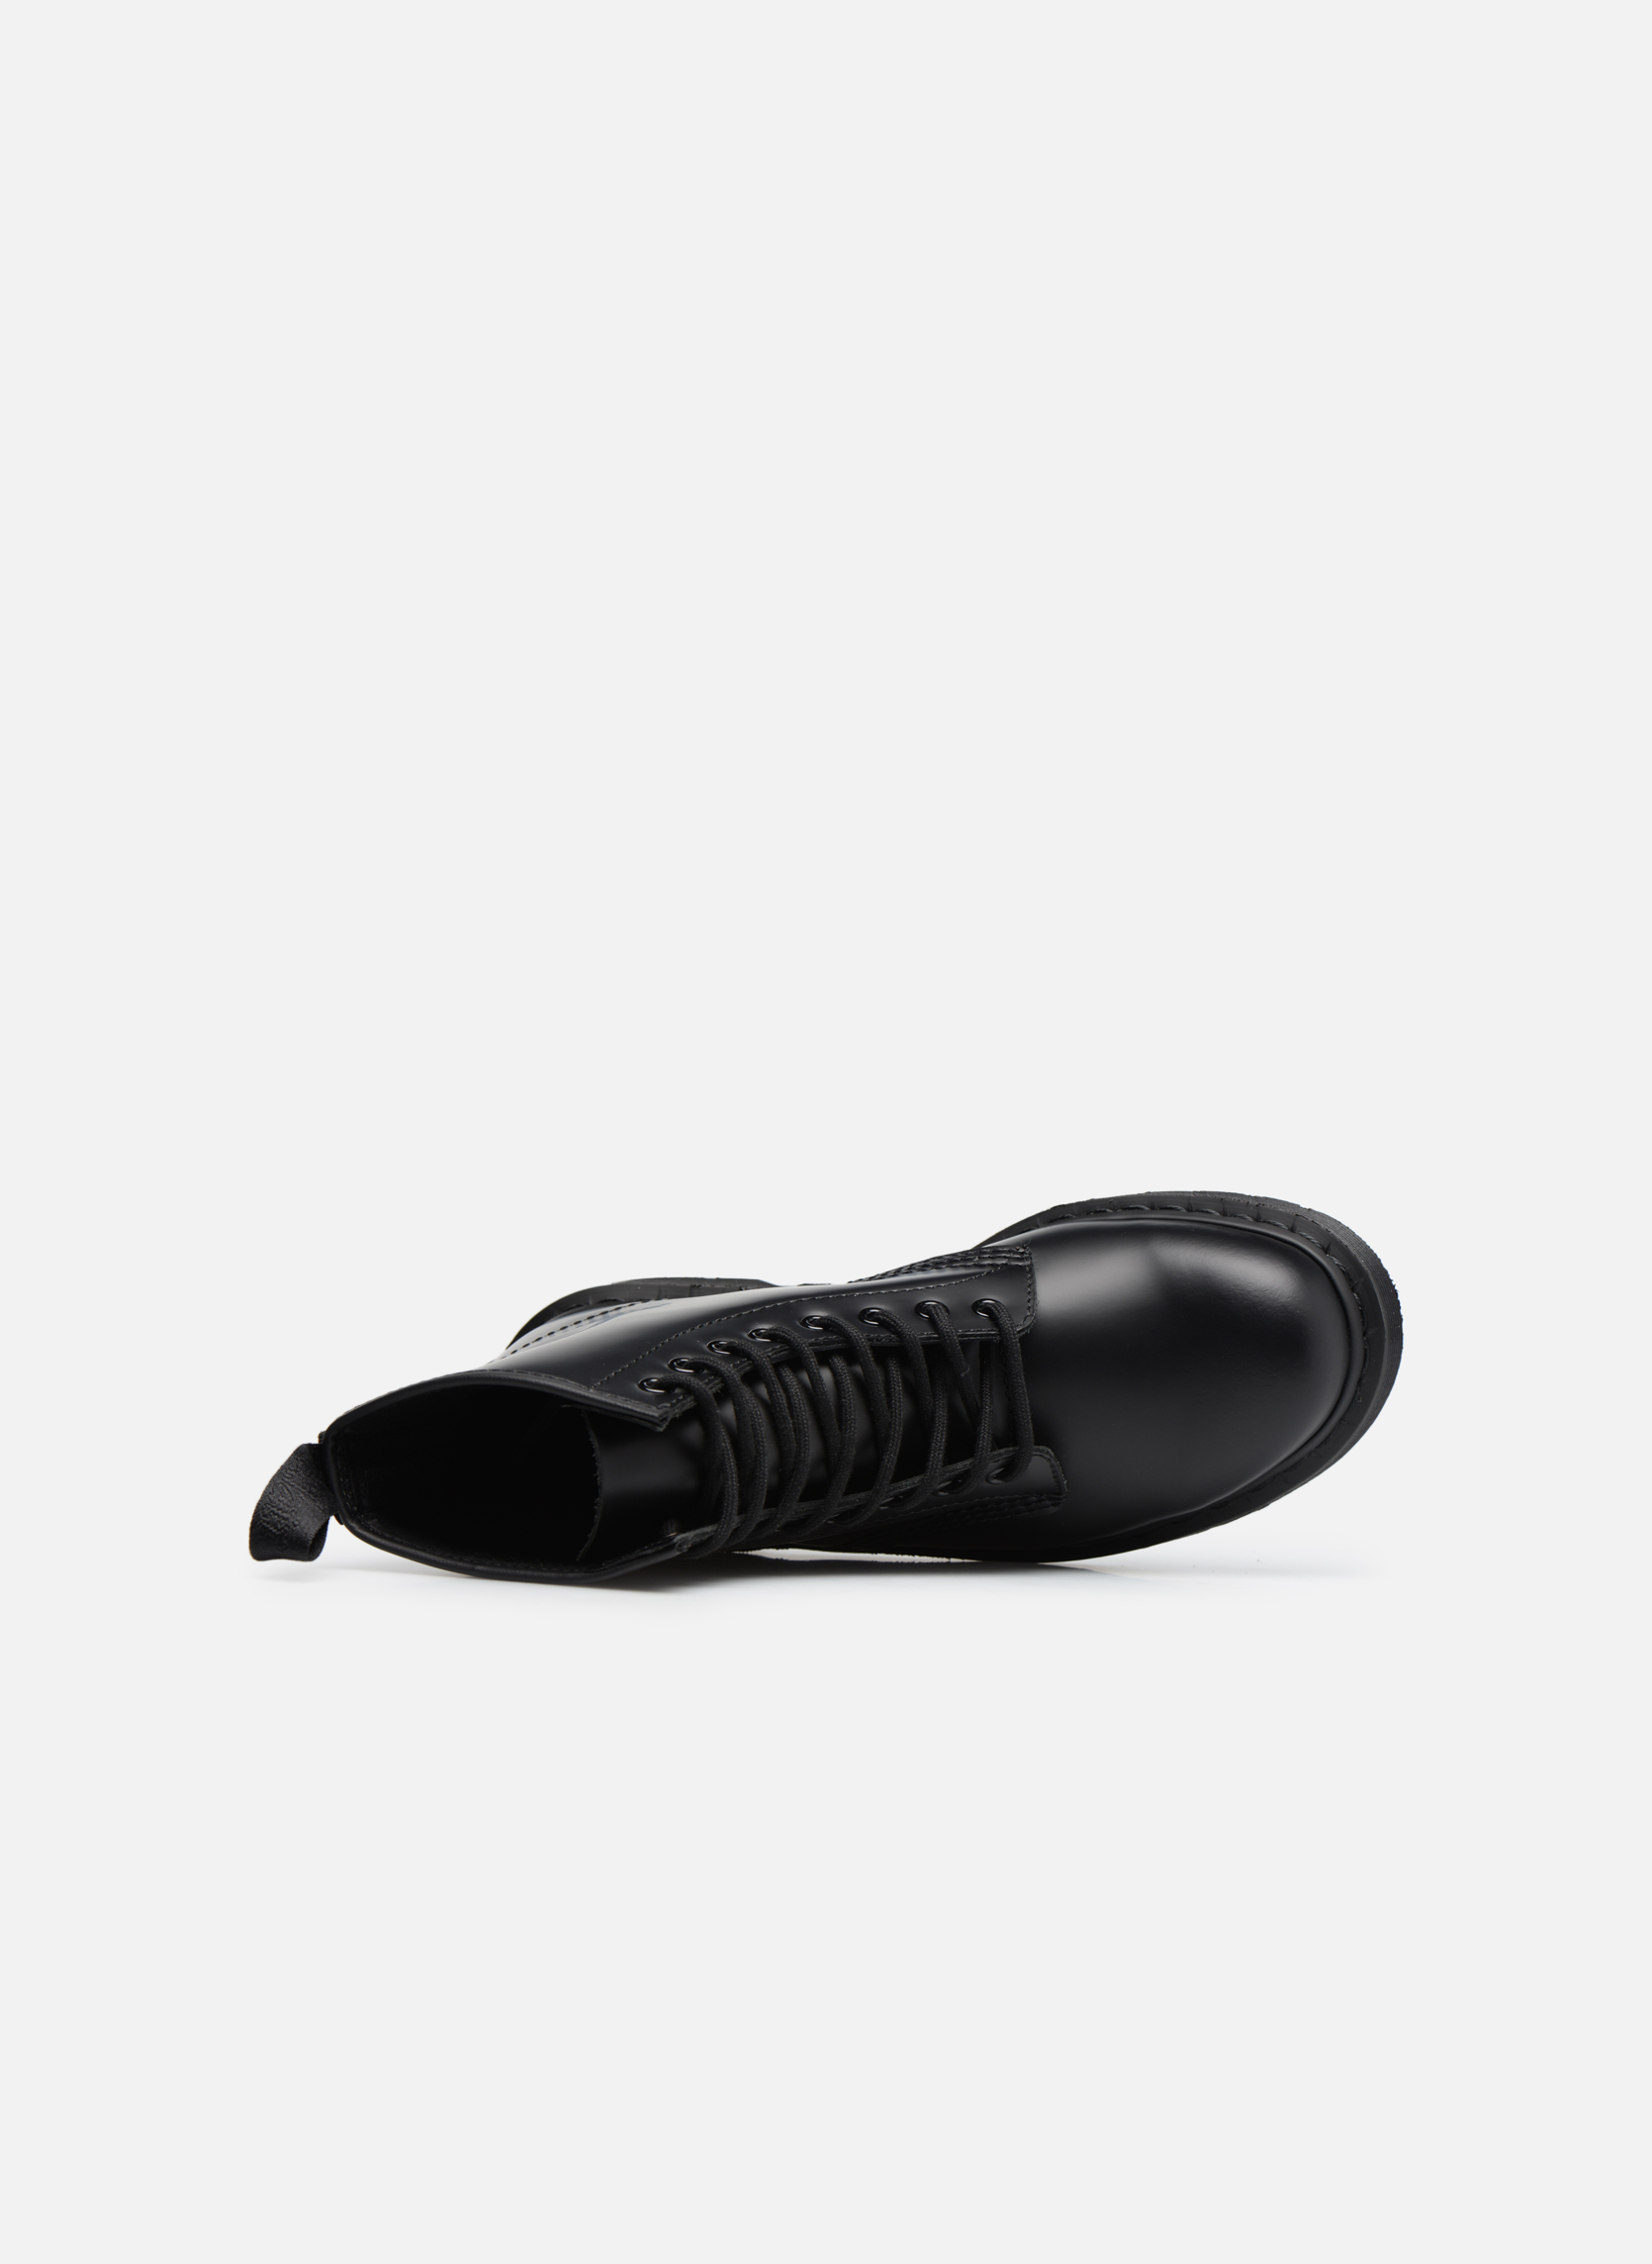 Smooth 1460 MONO Black Martens DR PxHq1OT